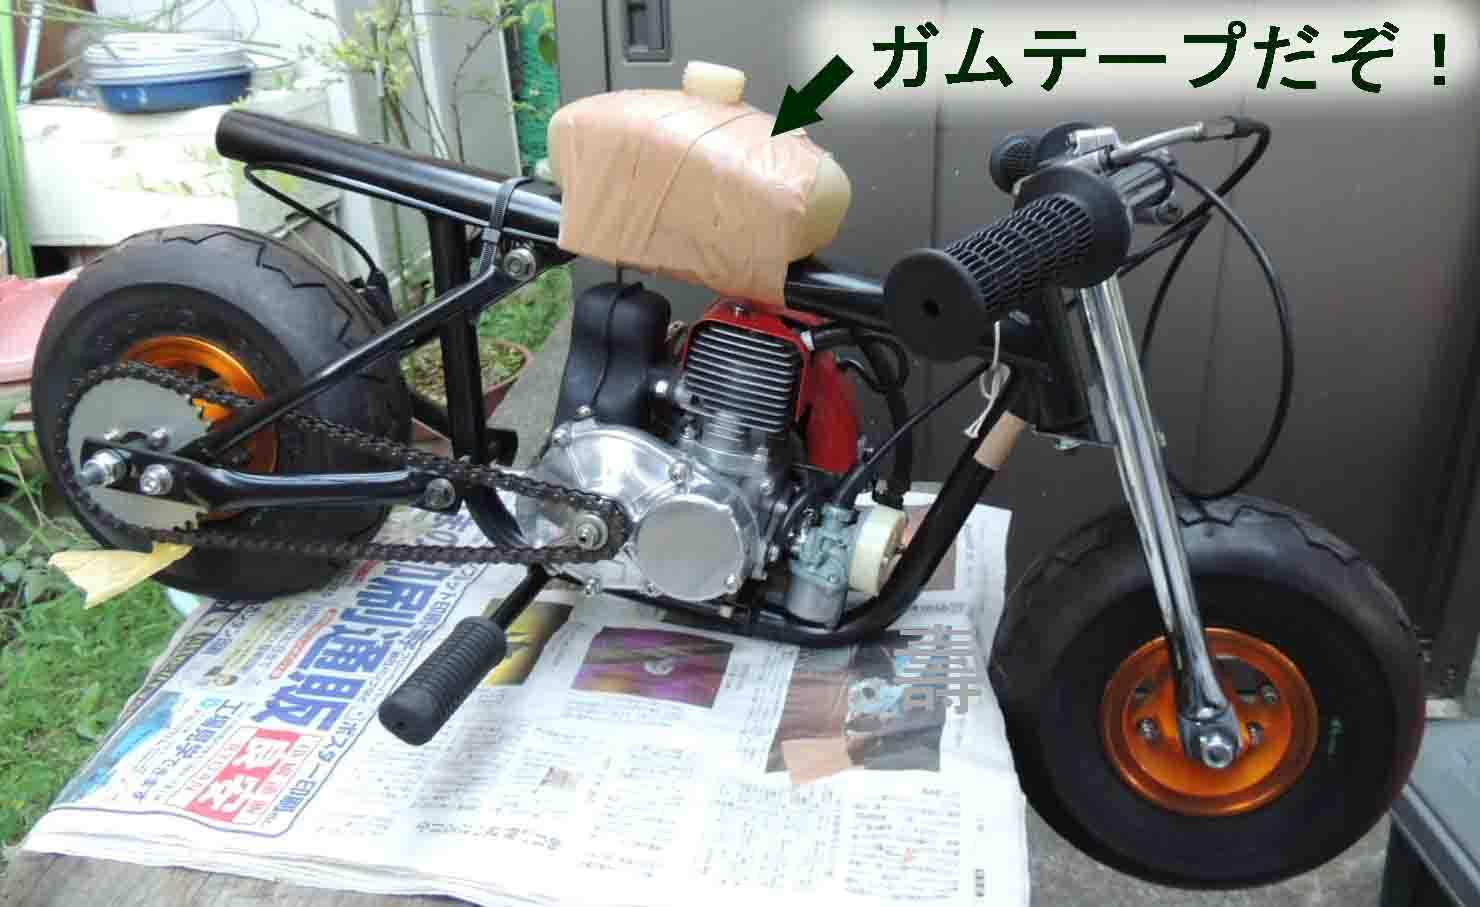 blogDSCN1657_edited-1.jpg